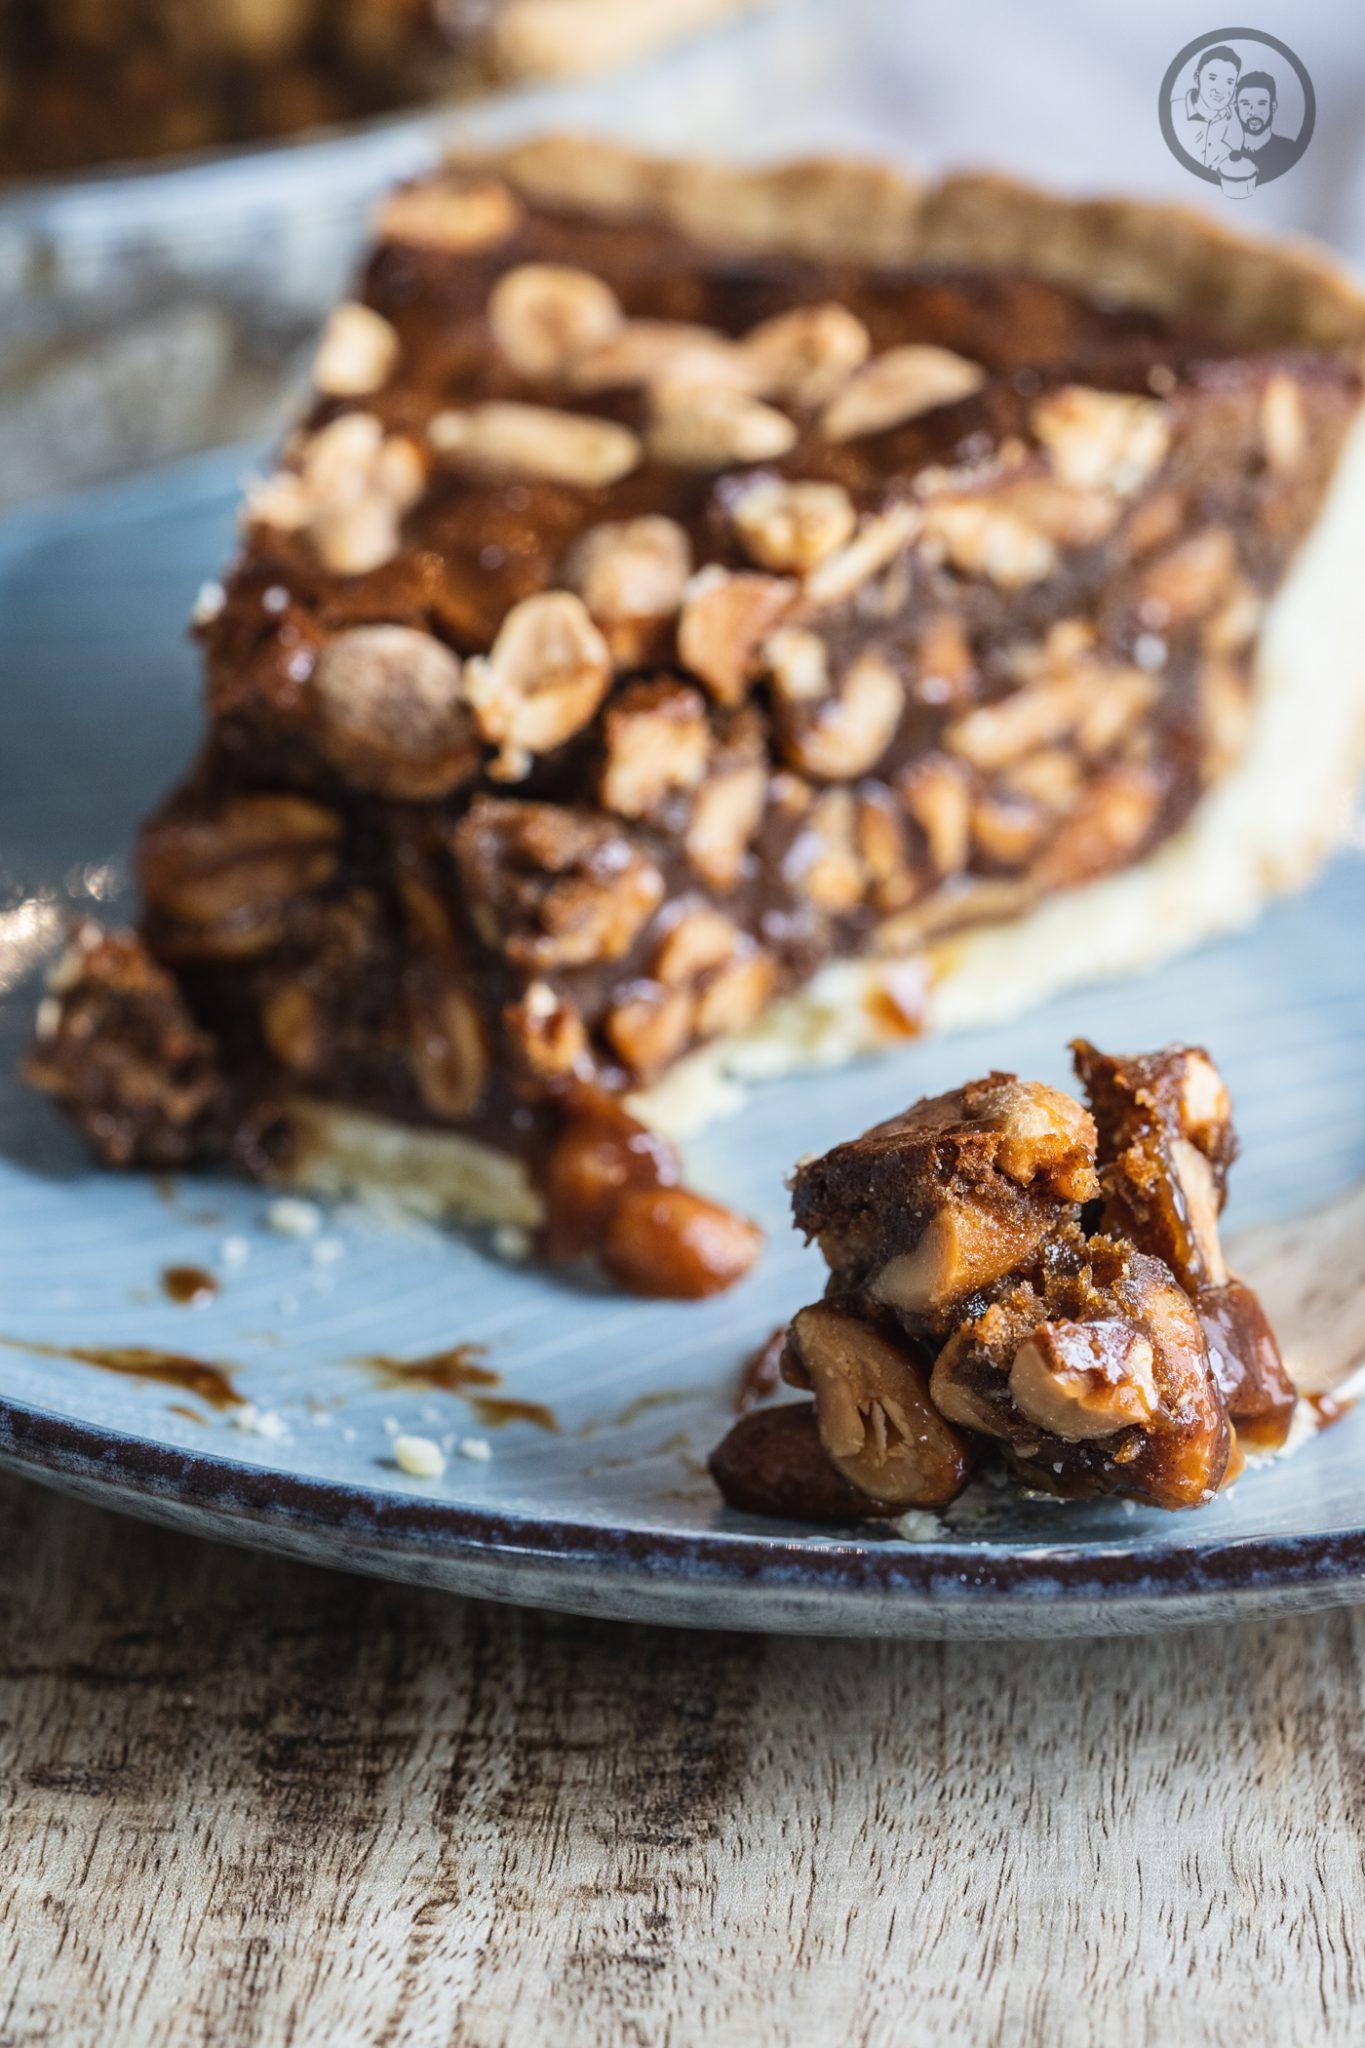 Peanut Pie 7 | Heute ist es wieder soweit und bei uns steht die Erdnuss im Mittelpunkt! Gemeinsam mit ültje haben wir euch schon so einige leckere herzhafte Gerichte mit Erdnüssen gezeigt. Zuletzt unsere unglaublich leckerenBurritos. Aber nun kurz vor Weihnachten, dachten wir uns, dass es jetzt auch mal süß und üppig zugehen darf. So entstand die Idee eines Peanut Pie!